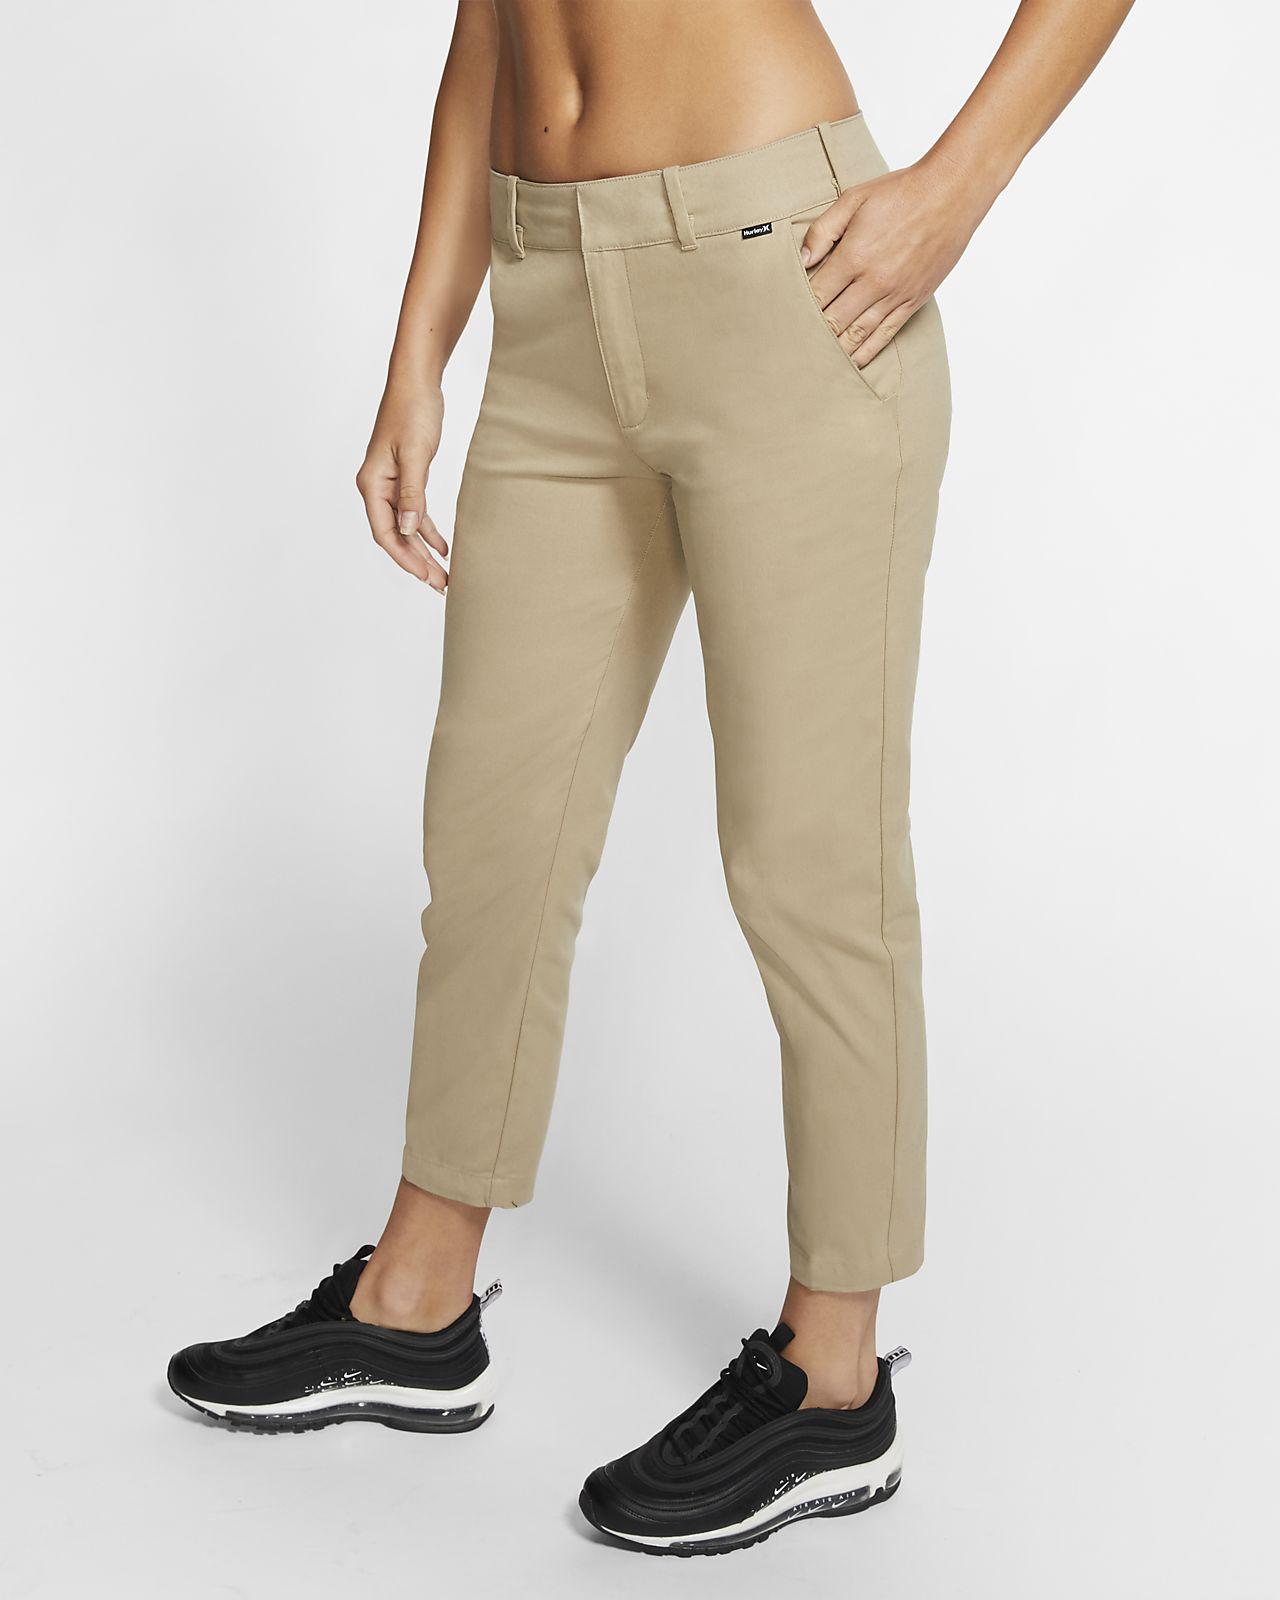 Pantalones para mujer Chino Hurley Lowrider